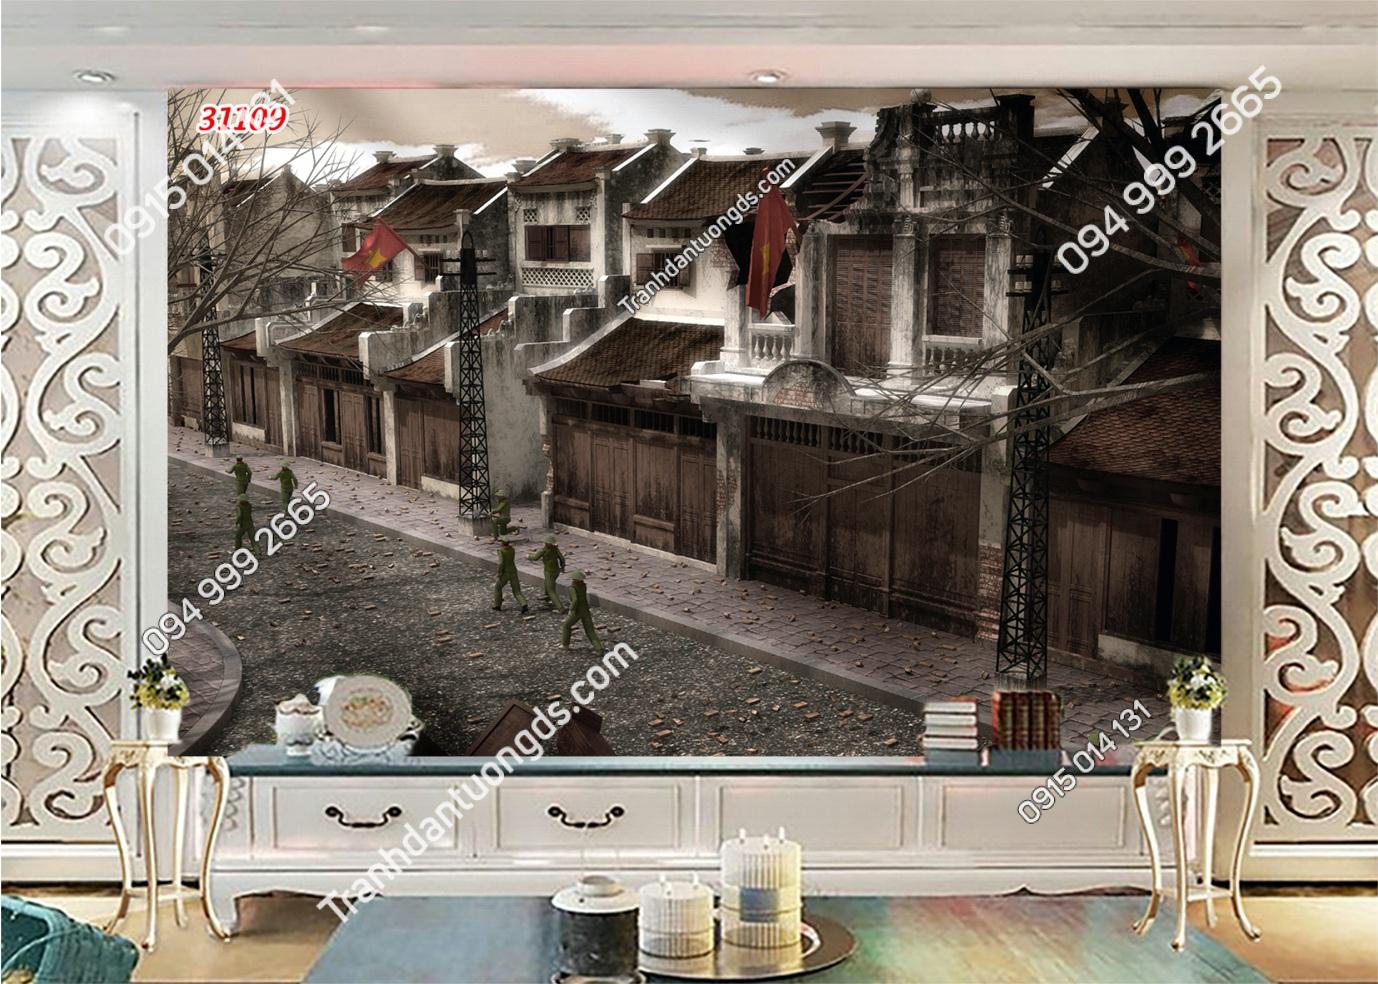 Tranh dán tường phố cổ Hà Nội xưa 31109